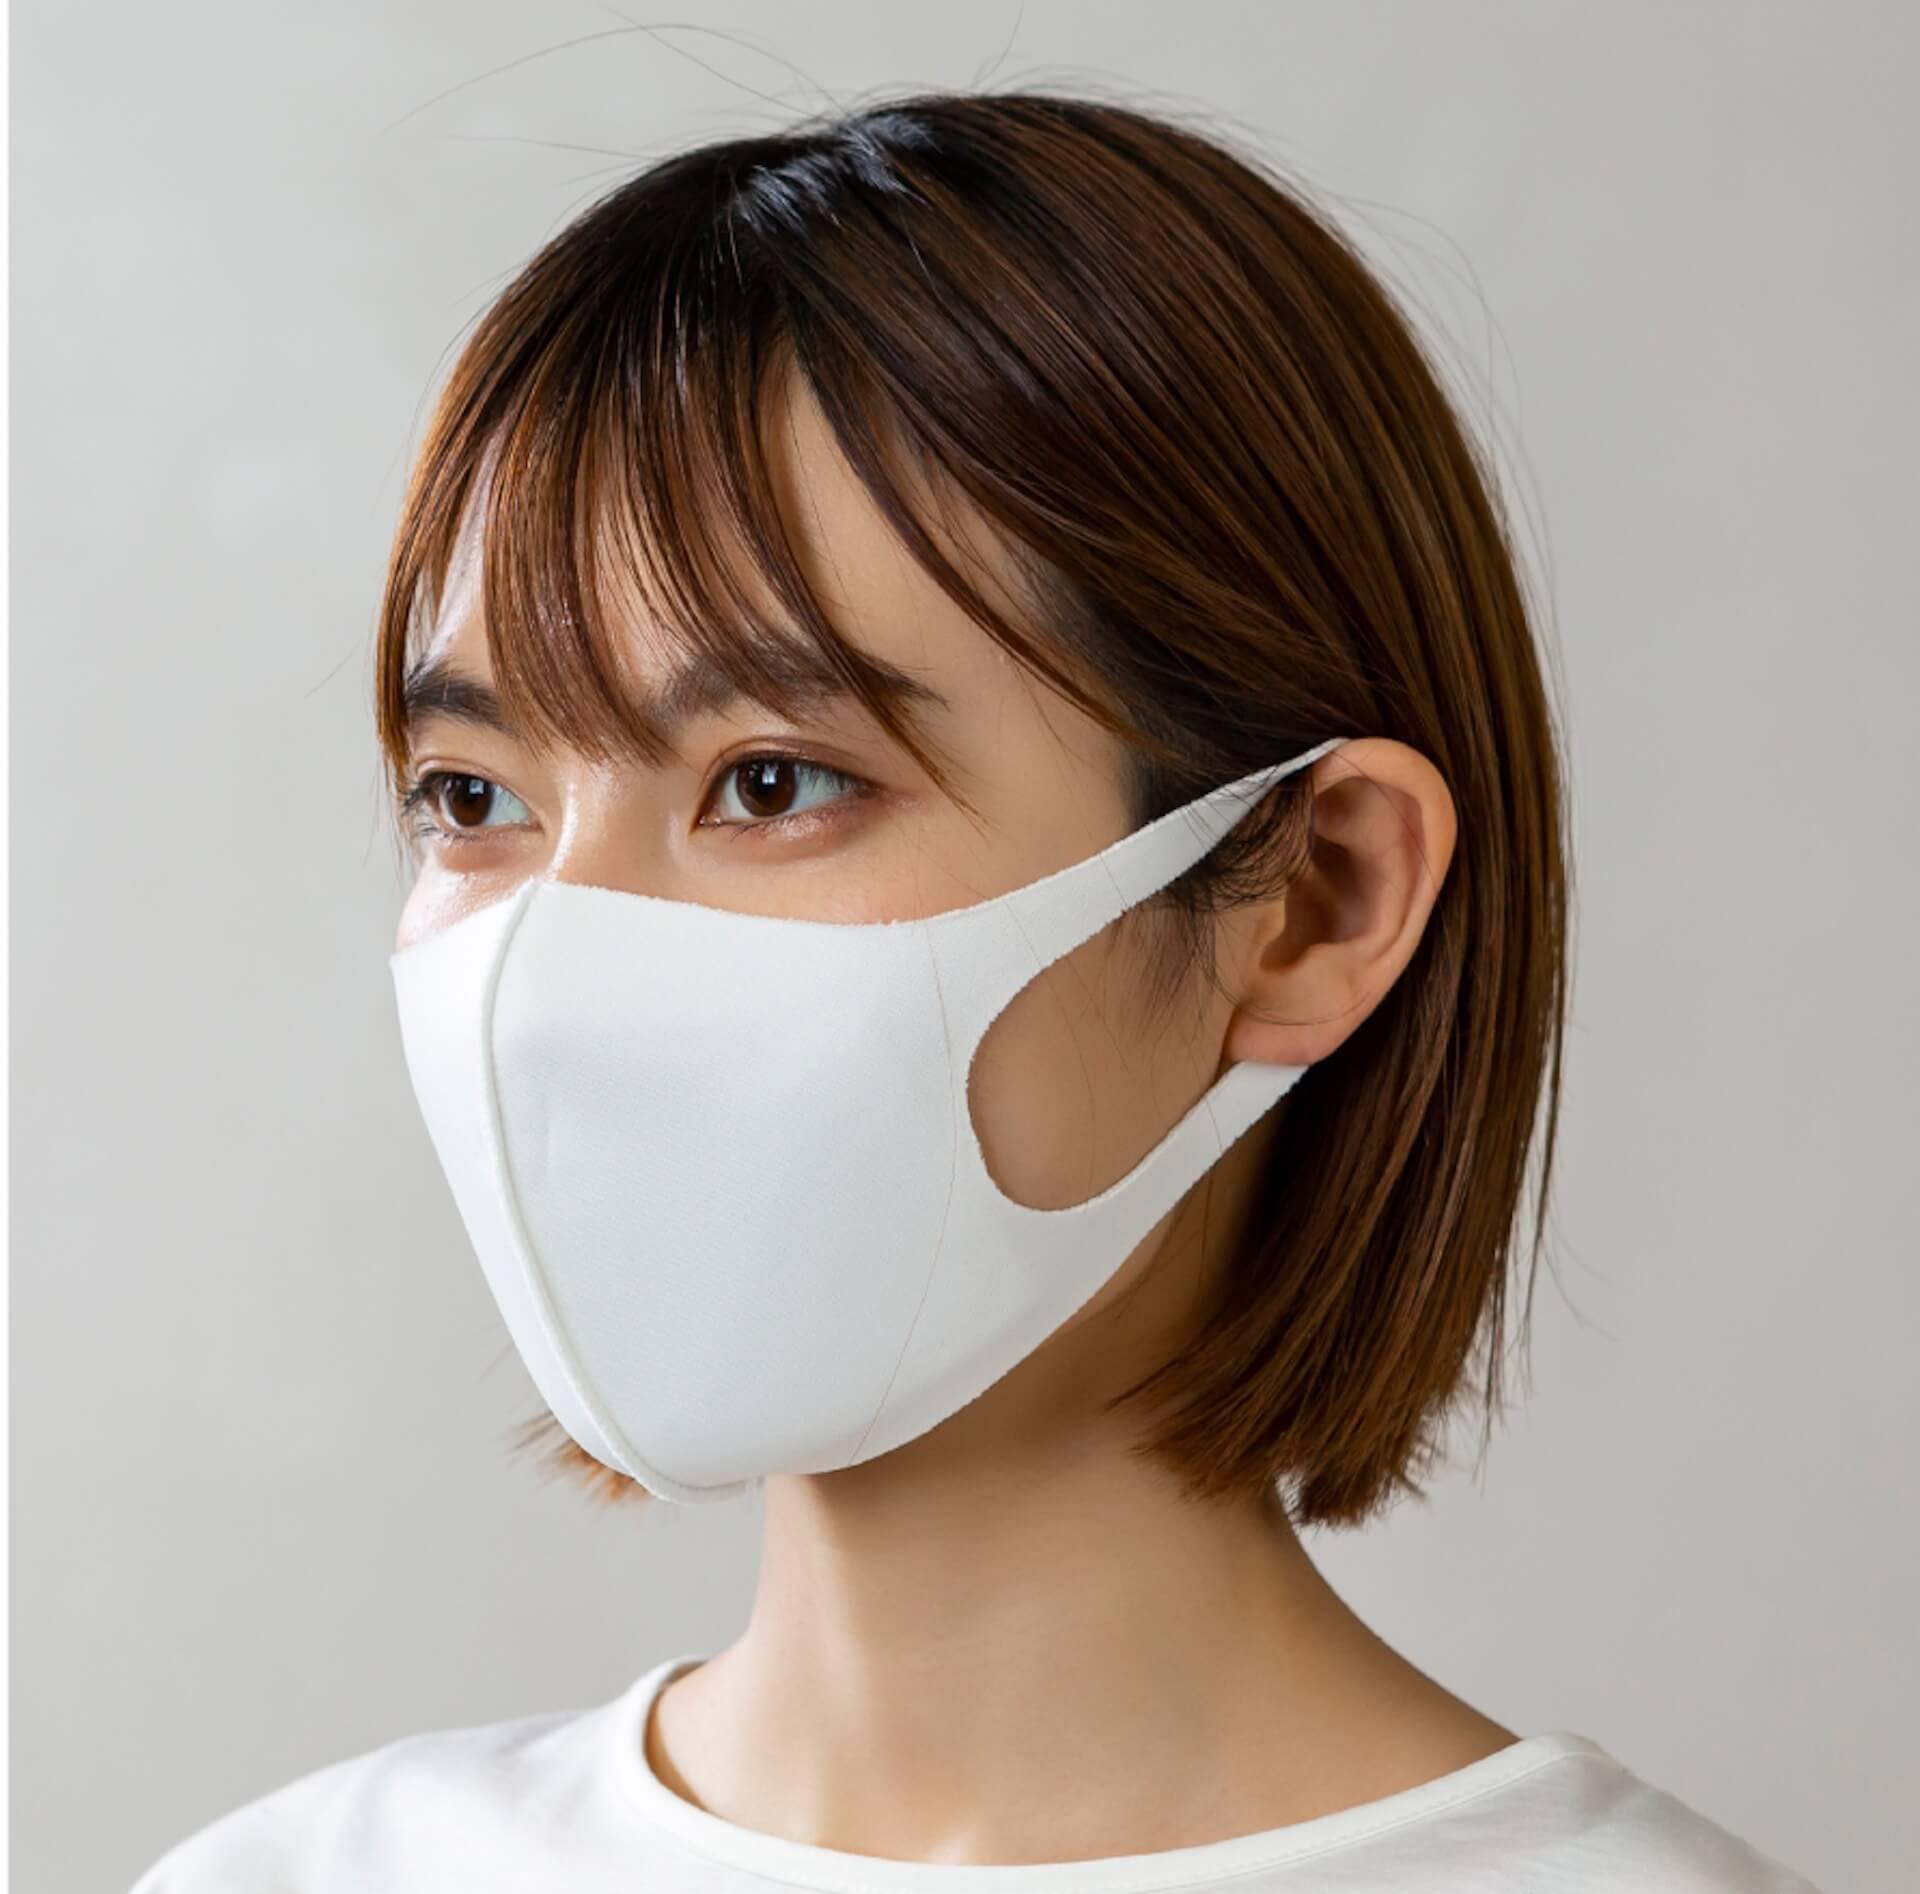 SONOのマスクにメイクの汚れを解消するベージュの新色が登場!抗菌・UVプロテクトマスクも予約受付中 lf200706_sono_mask_18